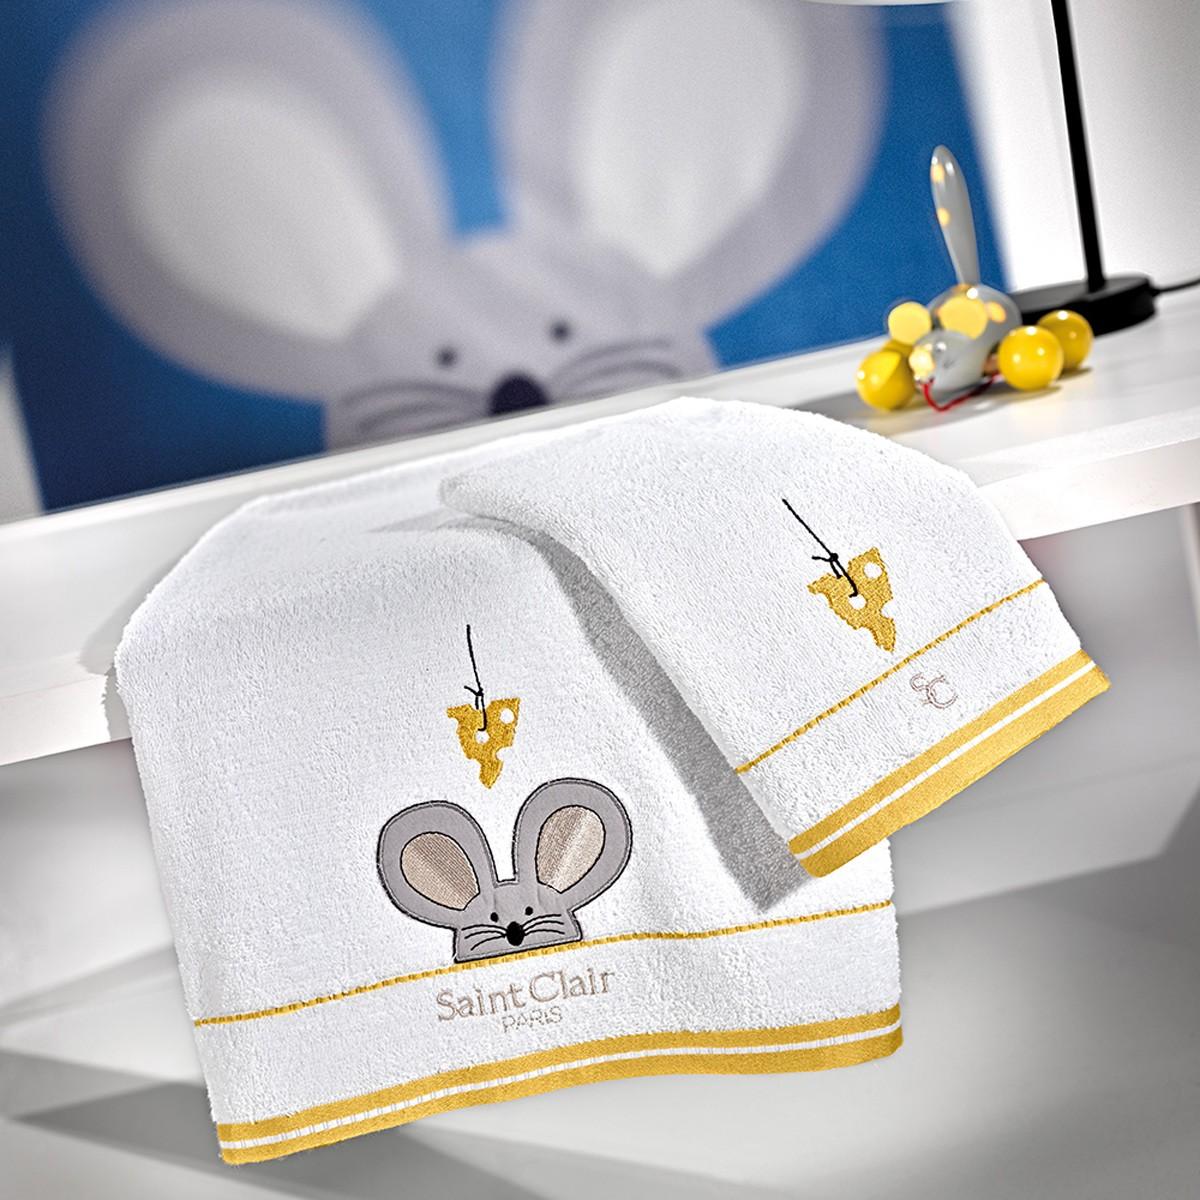 Παιδικές Πετσέτες (Σετ 2τμχ) Saint Clair Mouse